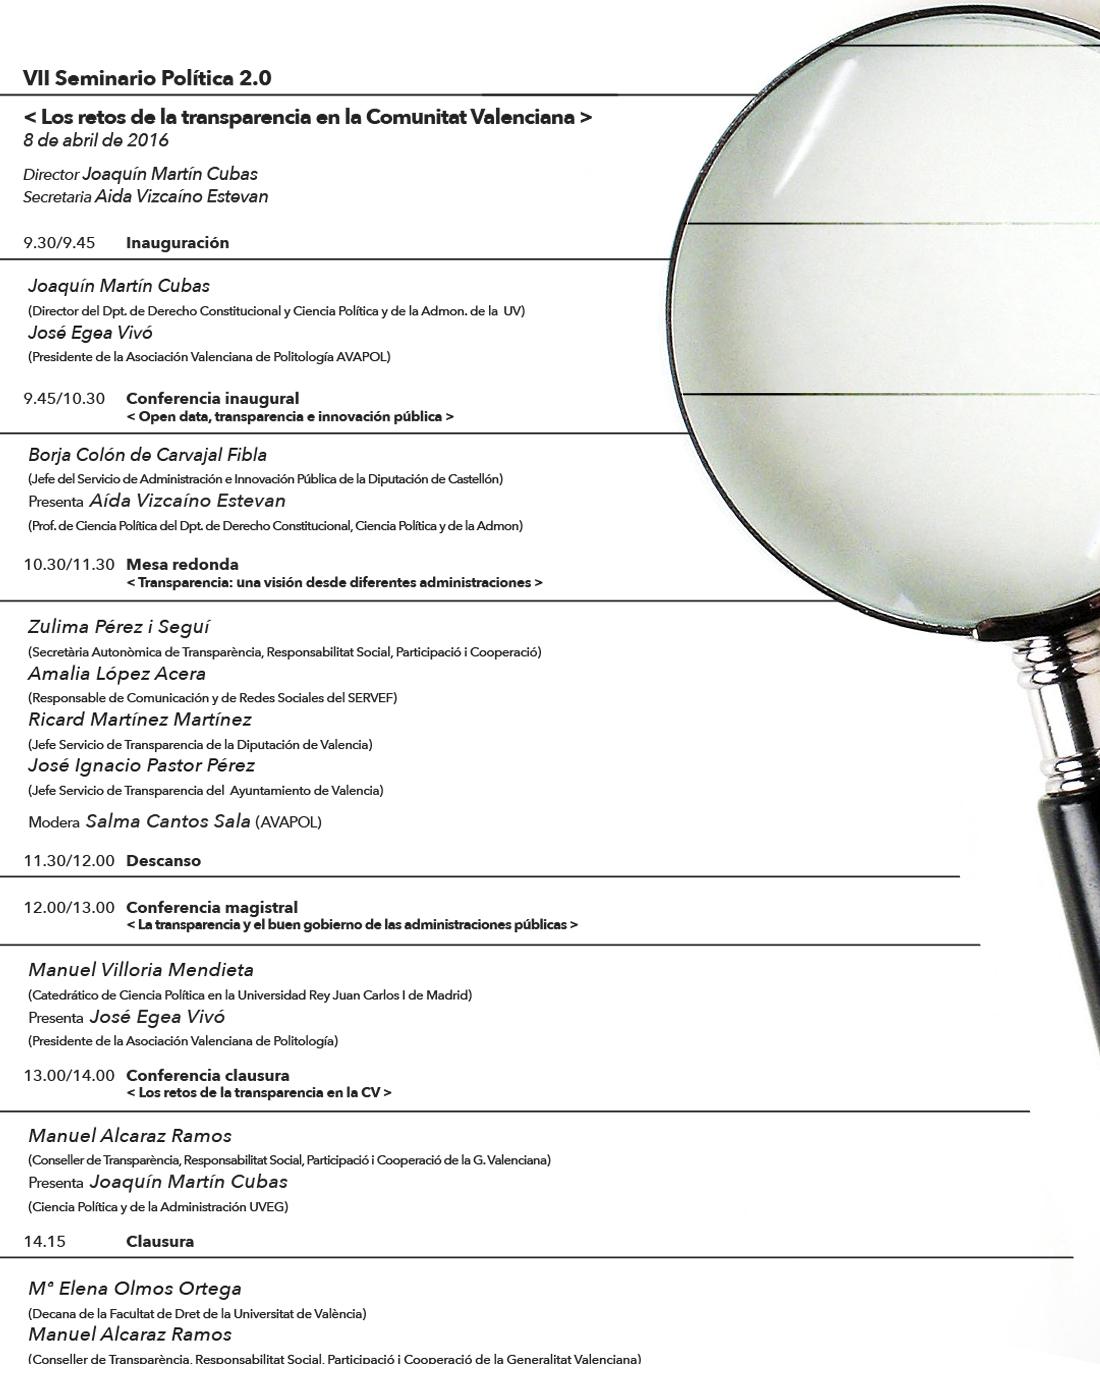 VII Seminario de Política 2.0. Los retos de la transparencia en la Comunitat Valenciana. Programa